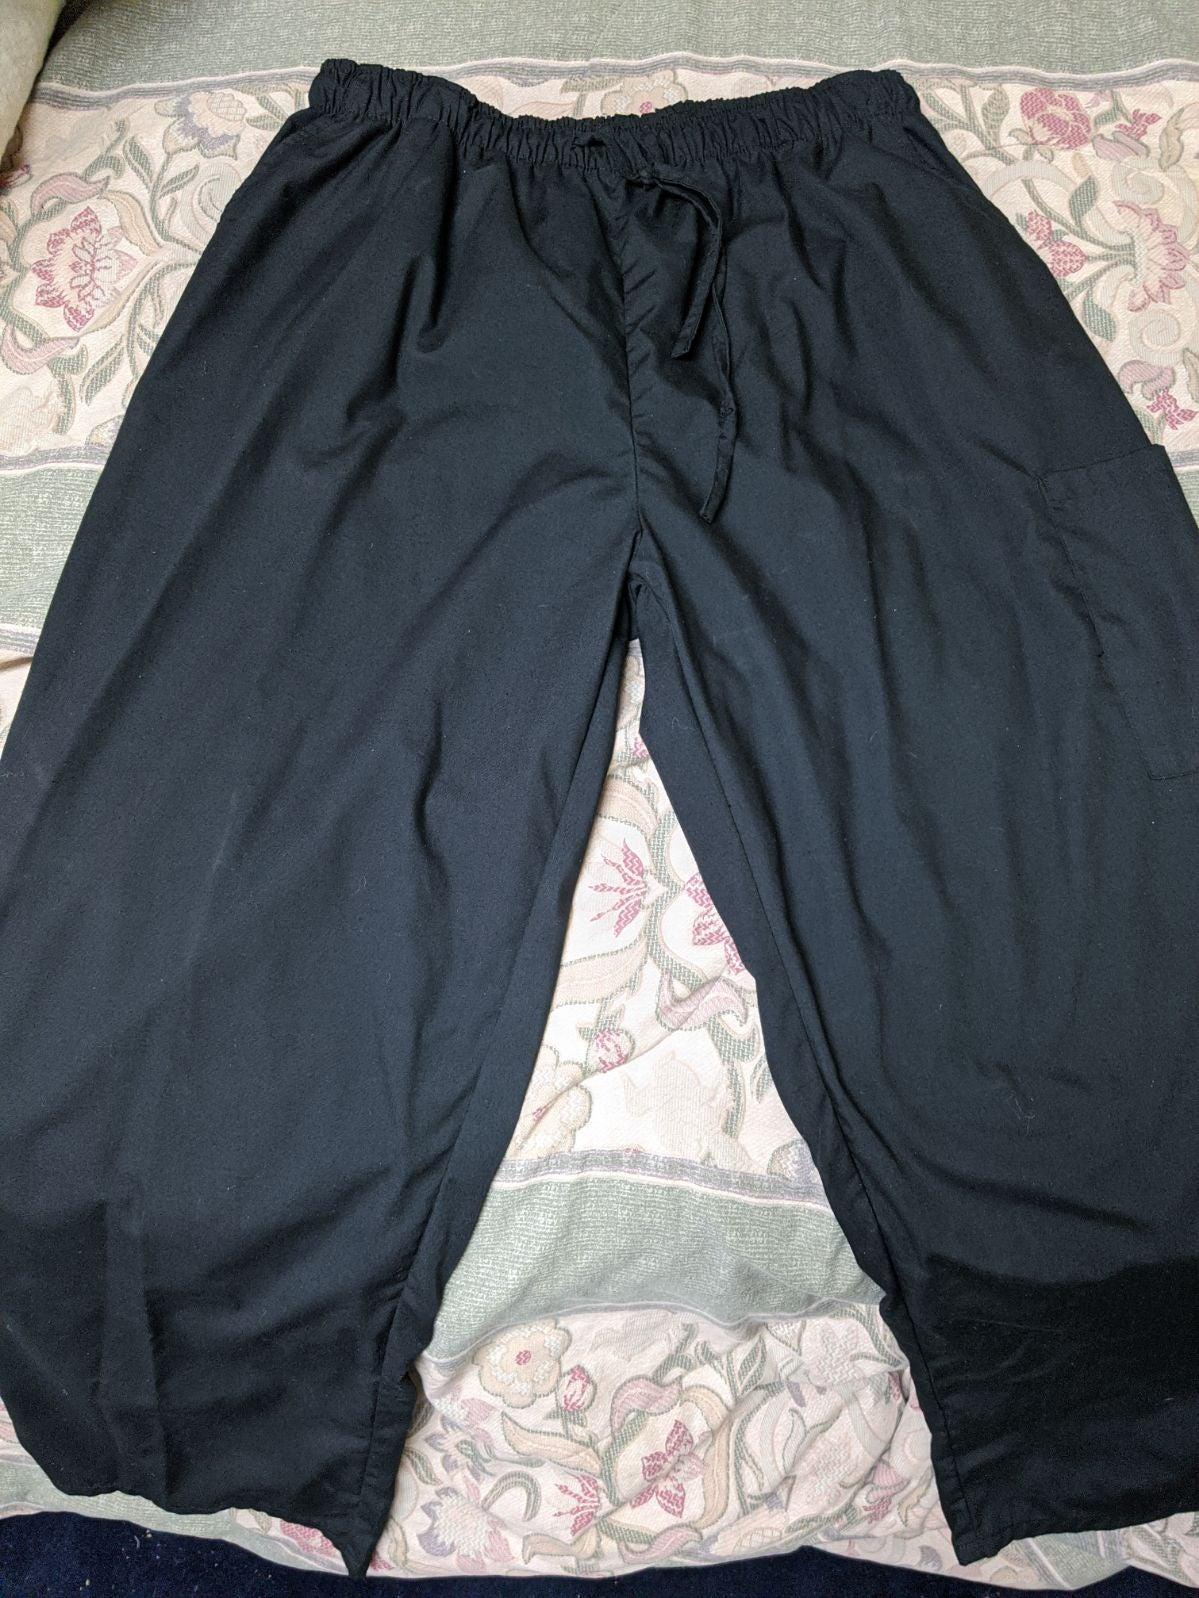 Cambridge Classics Scrubs Pants 2X